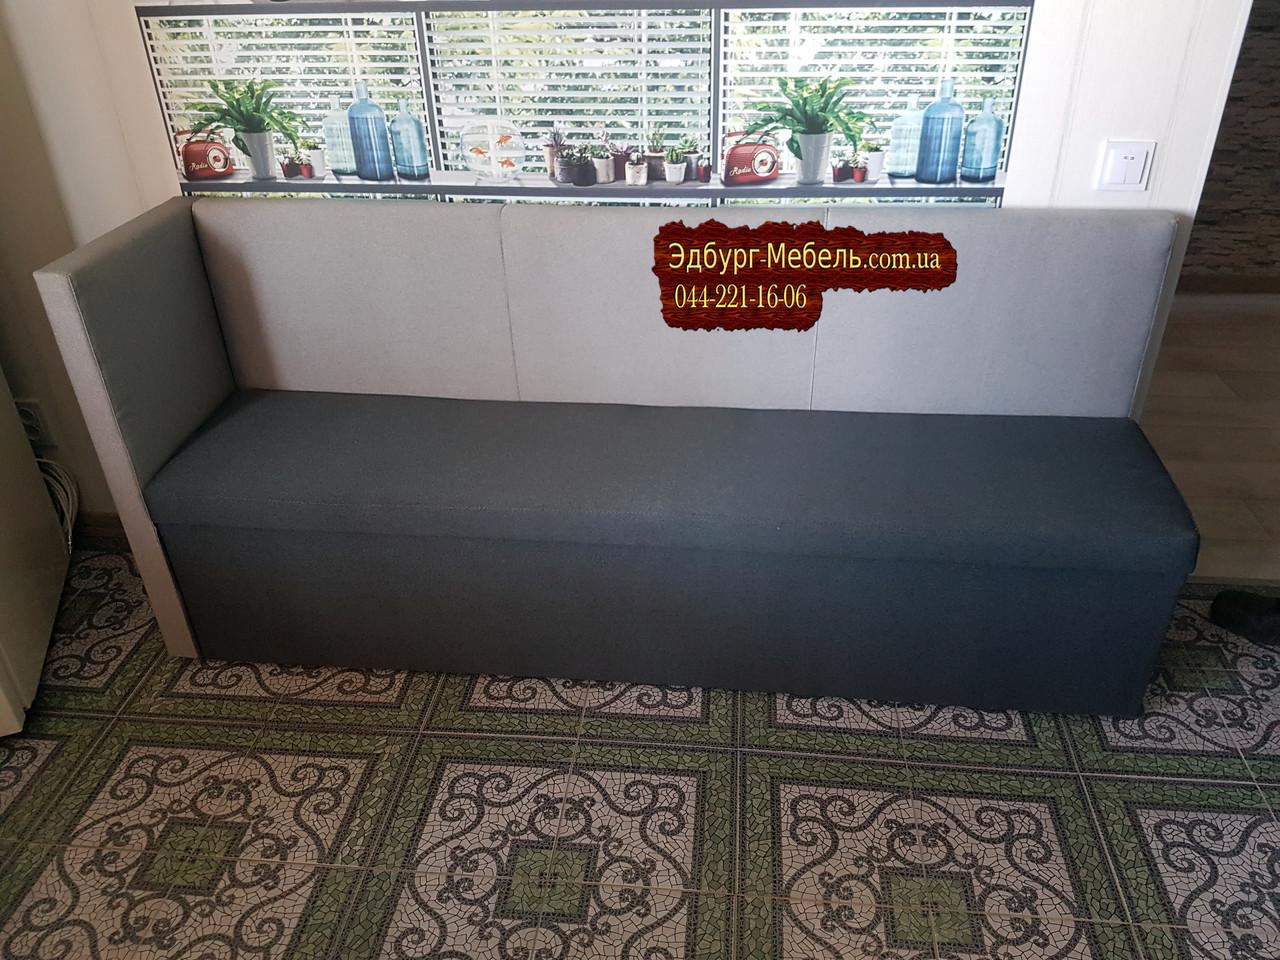 Диван для узкой комнаты с ящиком + спальным местом + угловая спинка